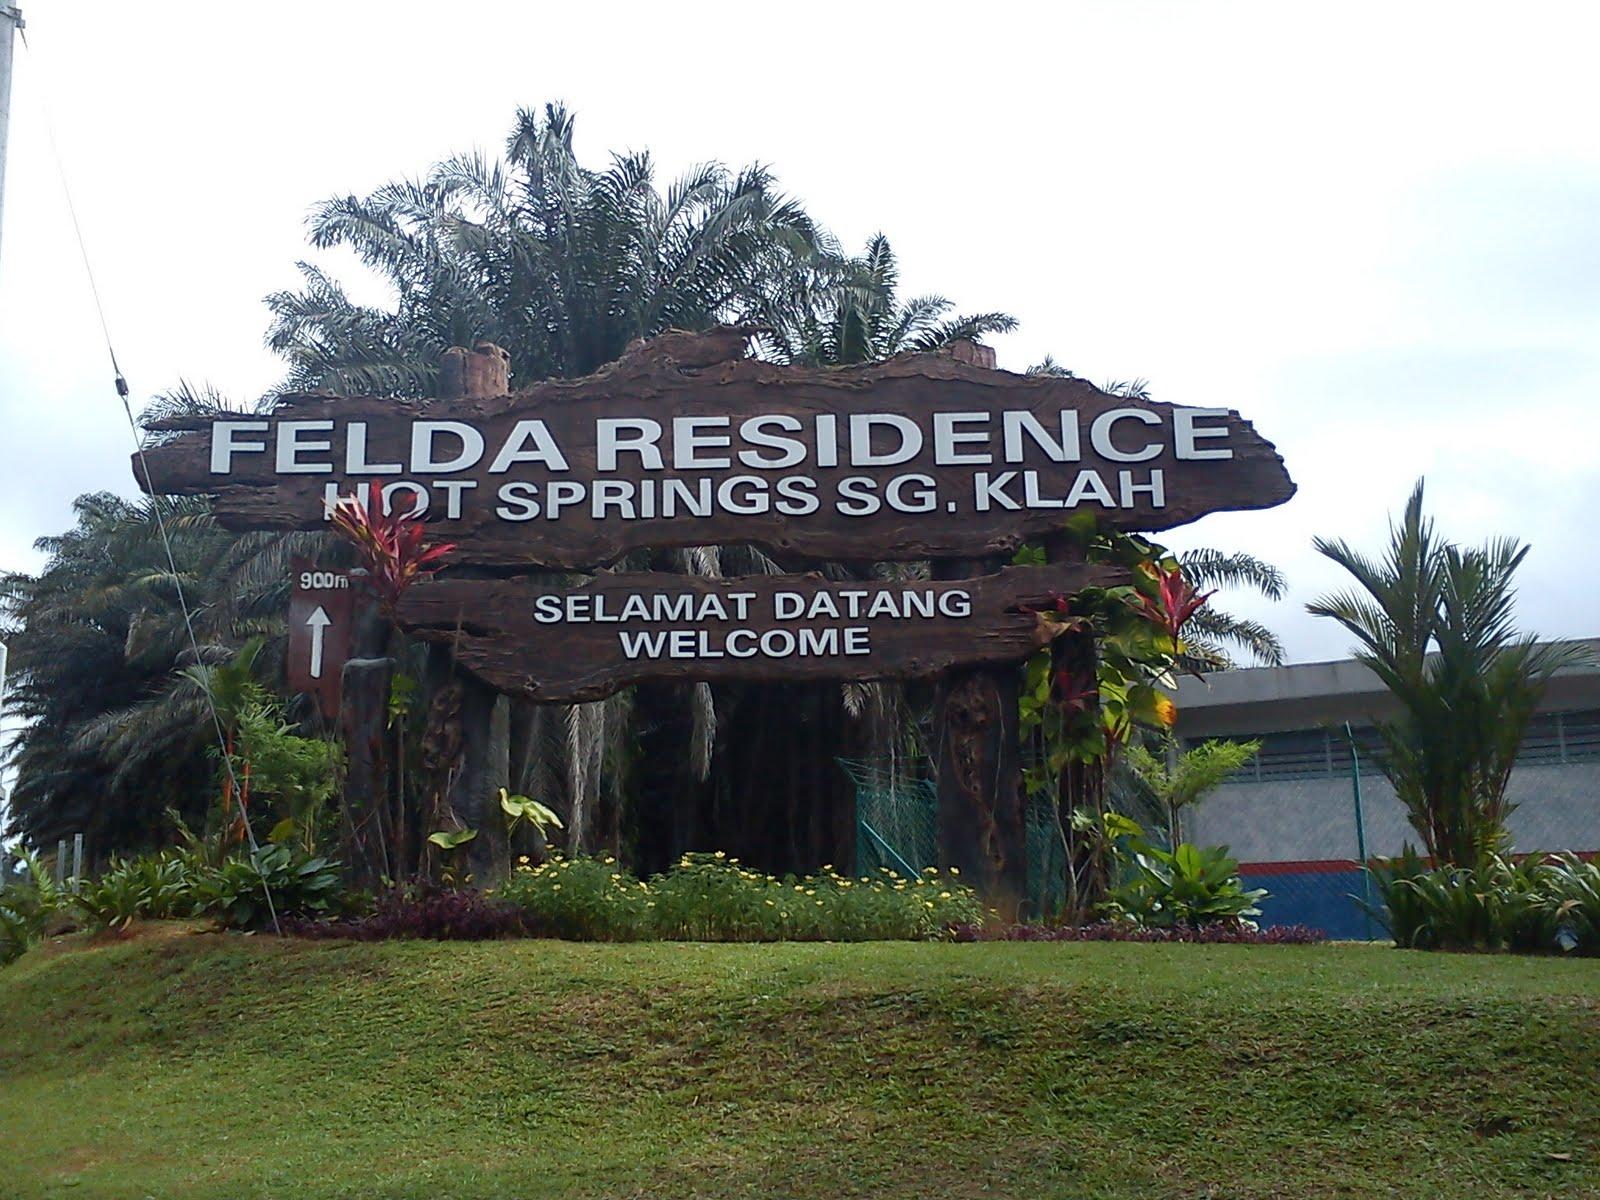 حديقة ينابيع سونجاي الساخنة ماليزيا